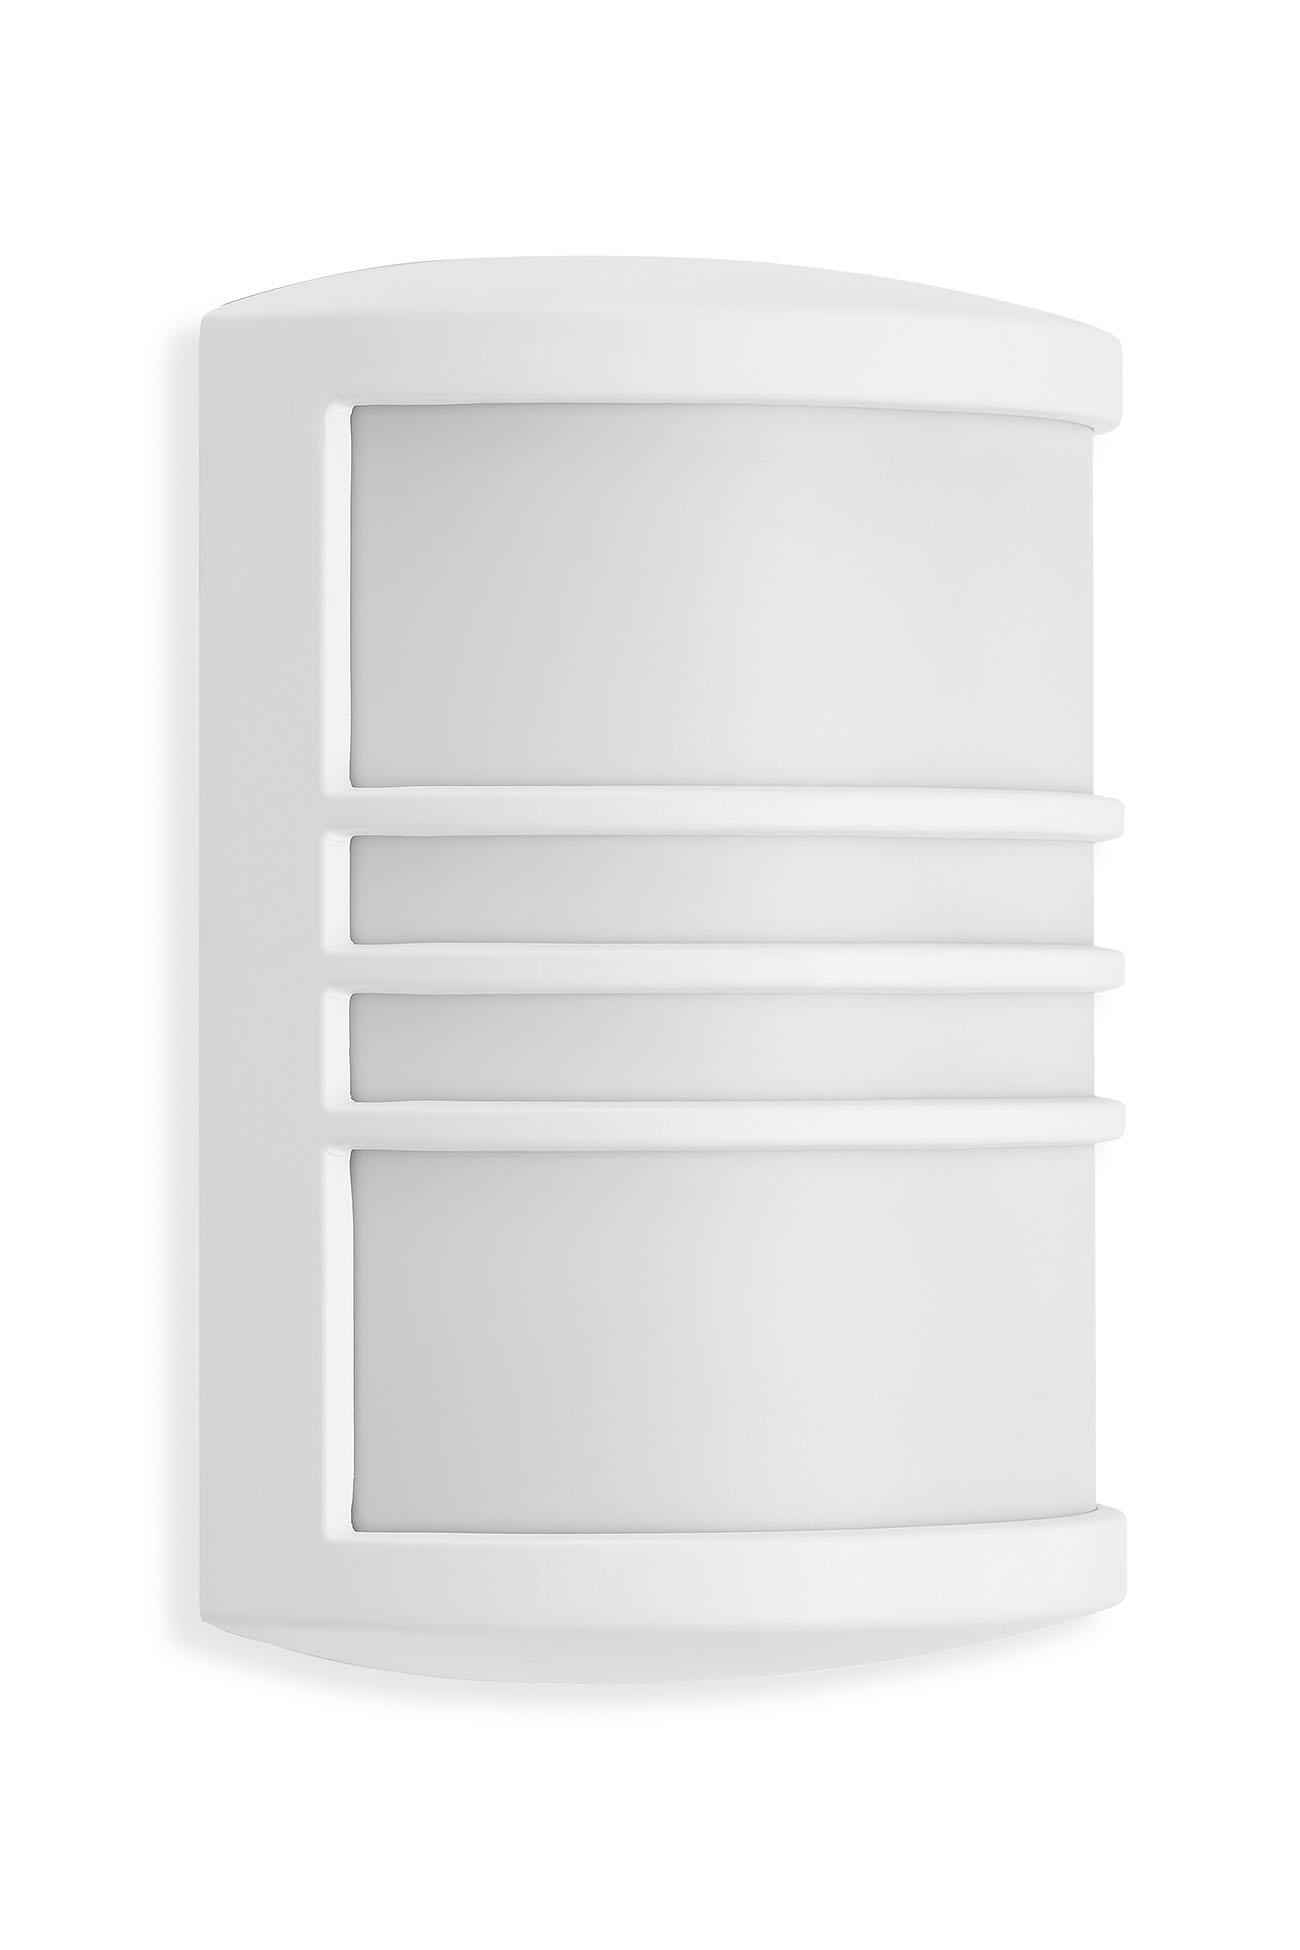 TELEFUNKEN LED Außenwandleuchte, 18 cm, 12 W, Weiß